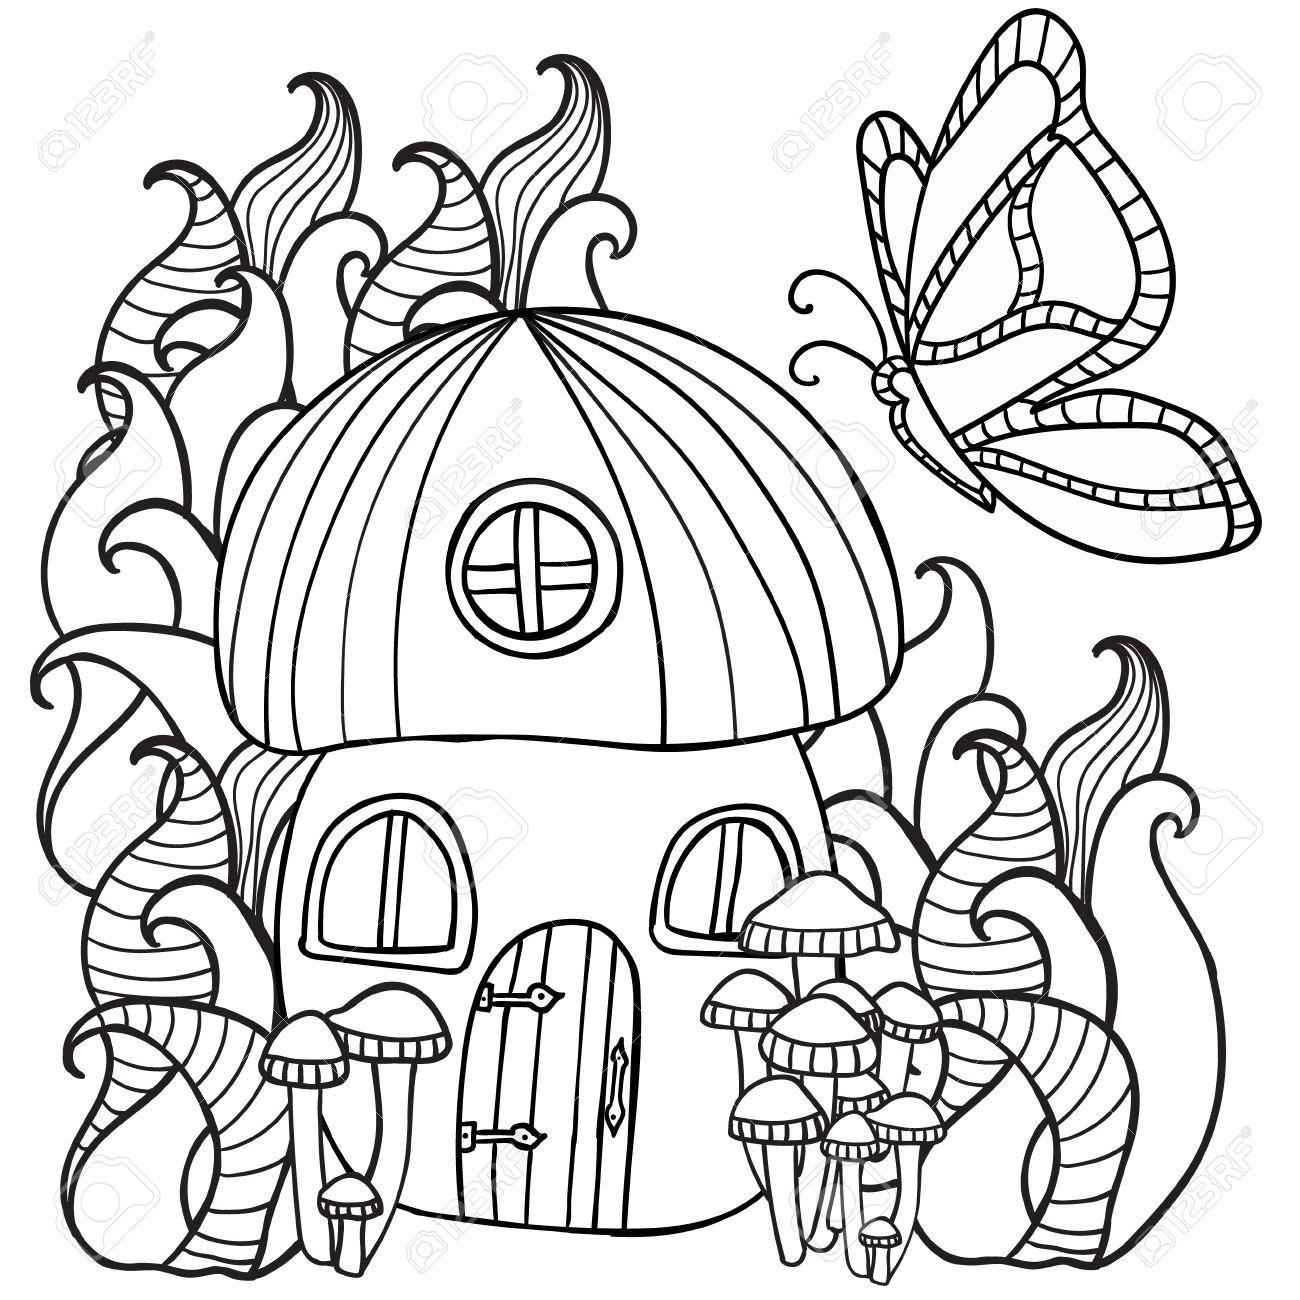 Coloriage Maison Dans La Foret.Pages A Colorier Maison Champignon Avec Un Papillon Dans La Foret Motif De Style De Griffonnage